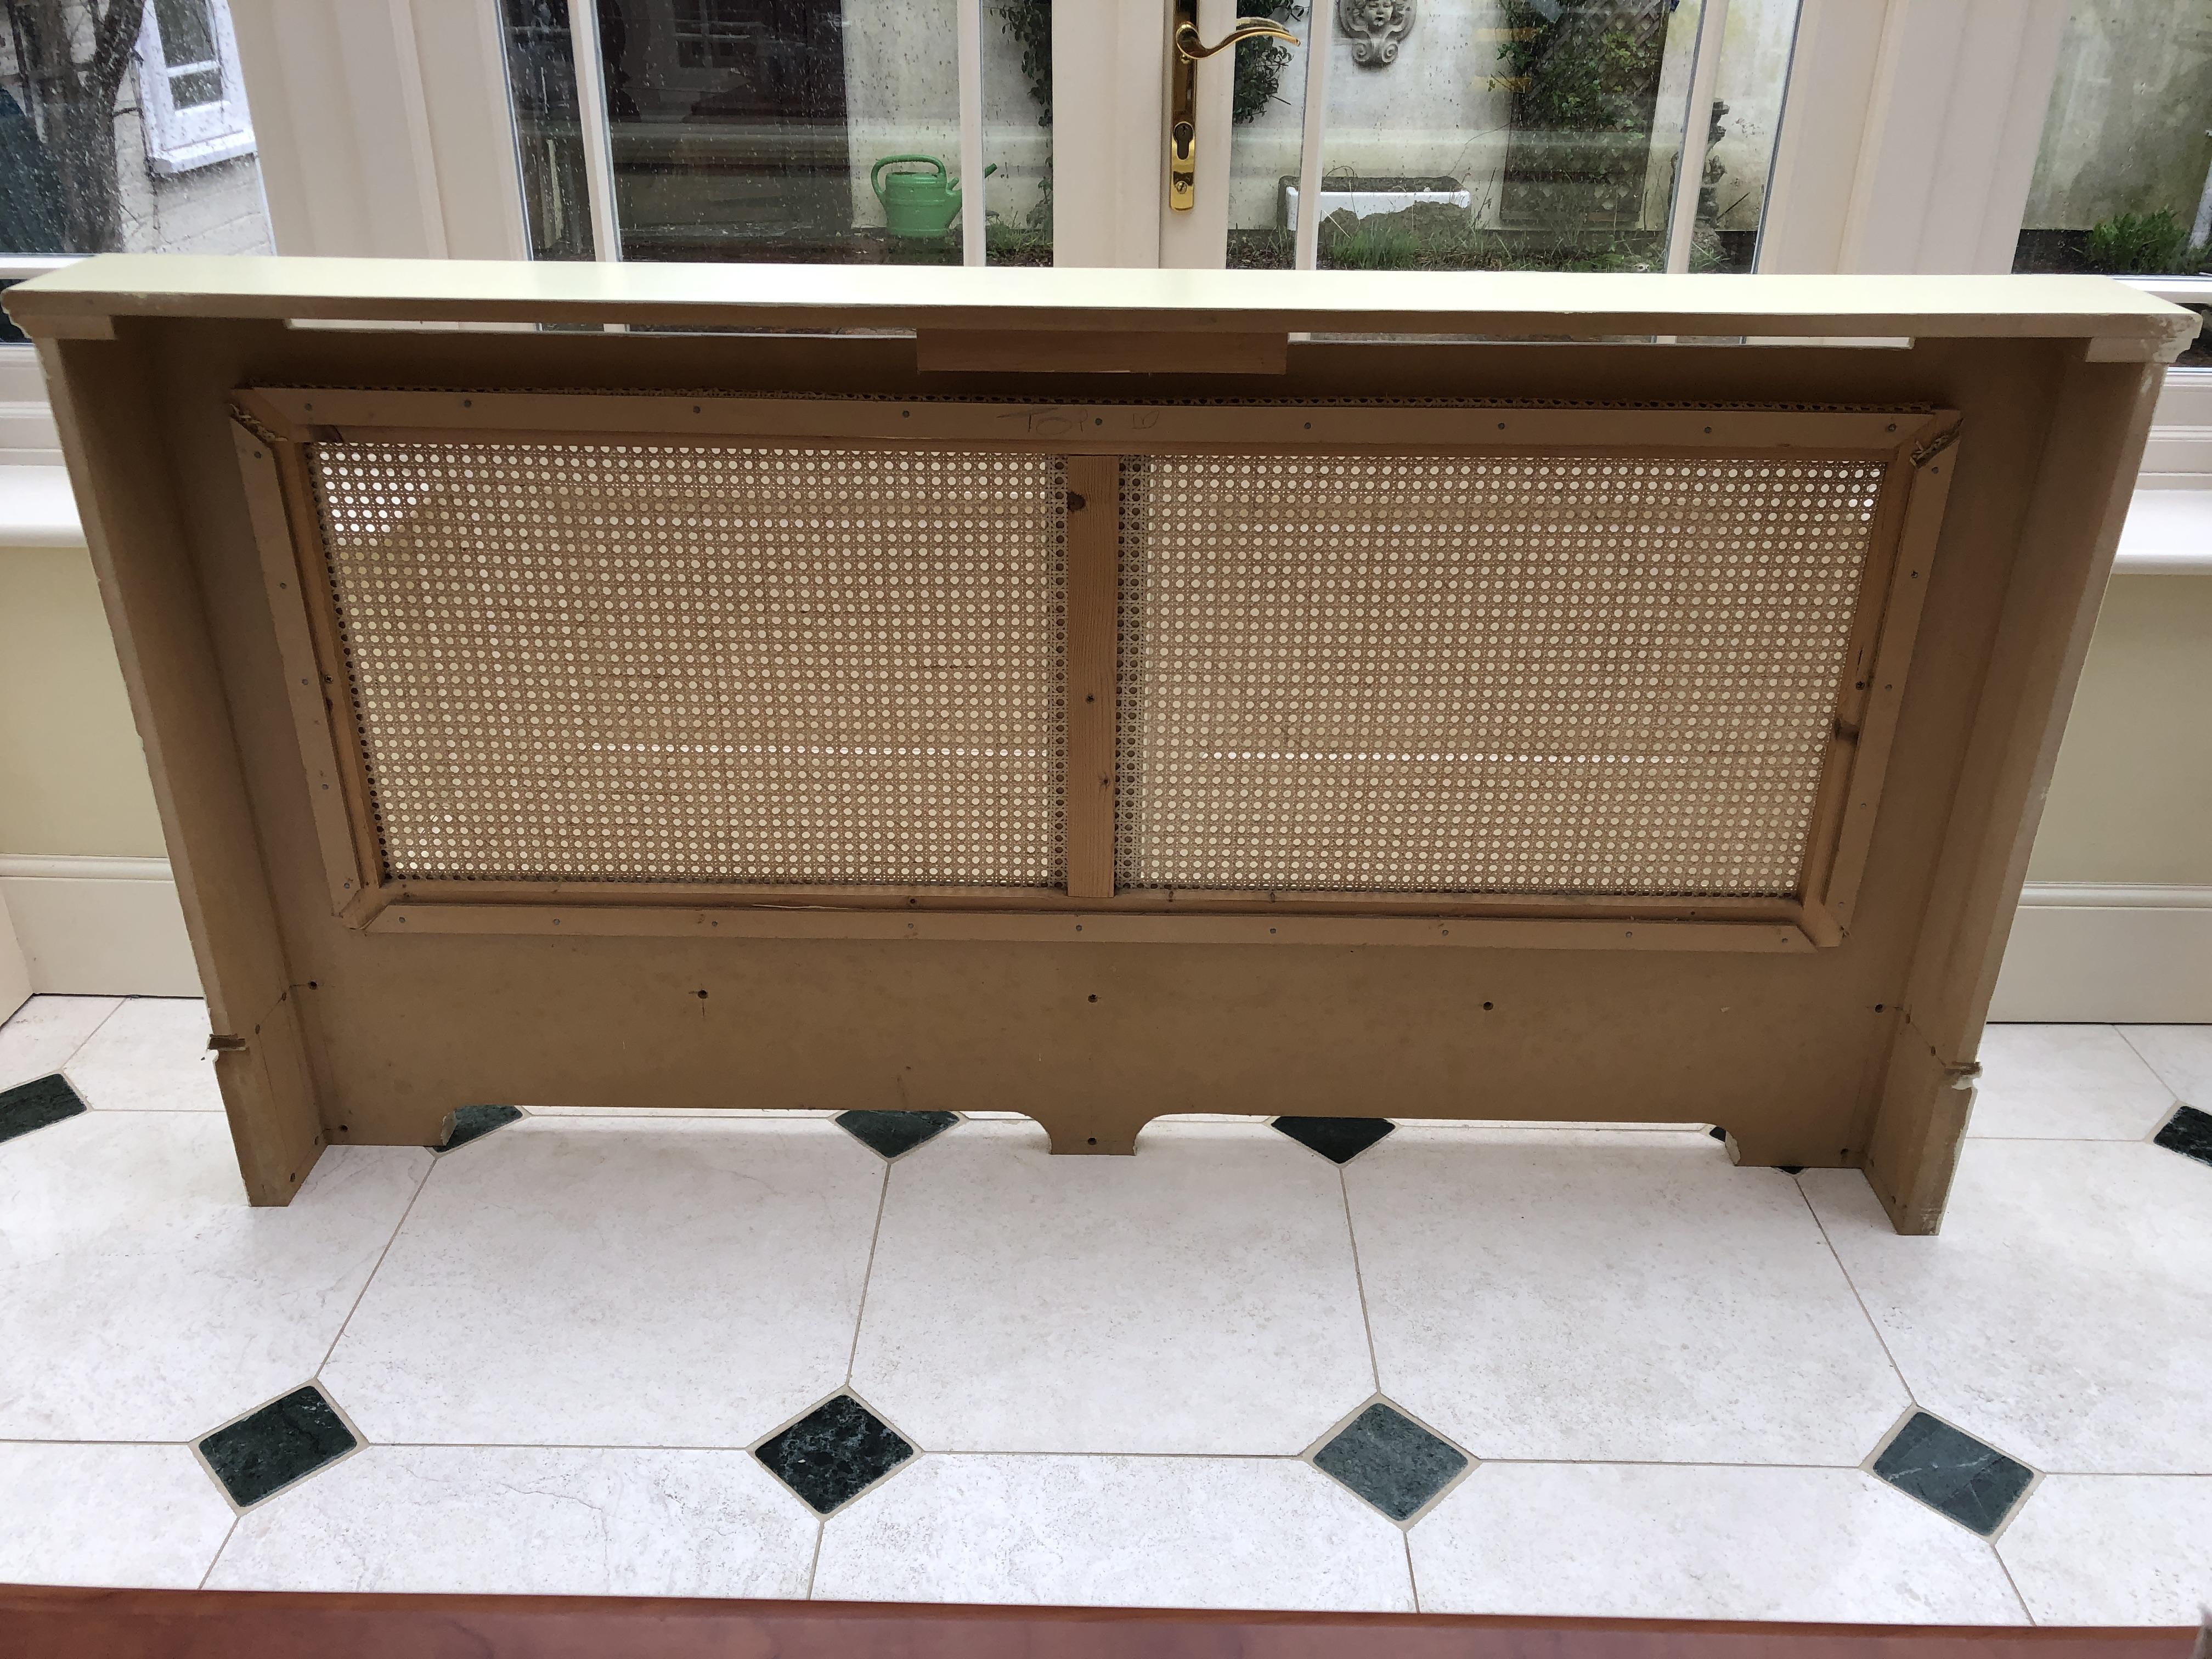 radiator cover back